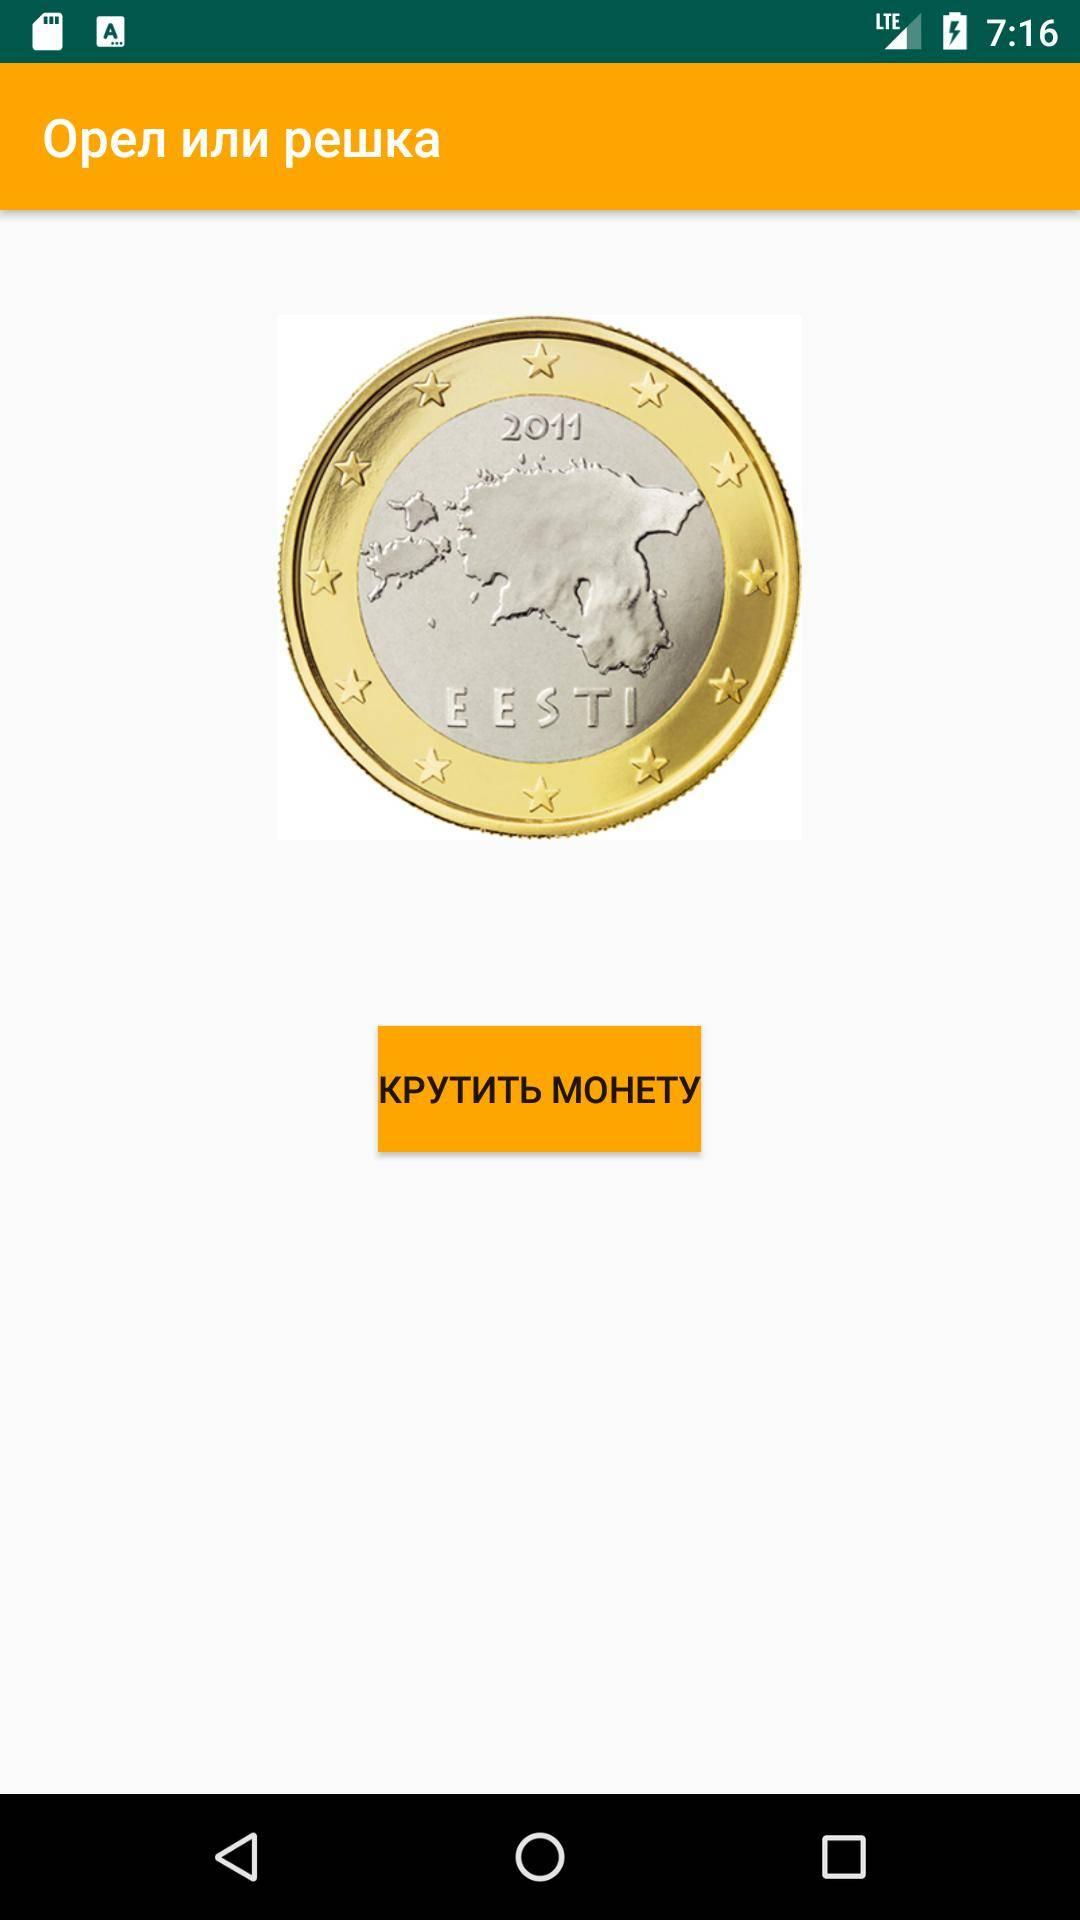 Гадание онлайн Орел или Решка на монетах